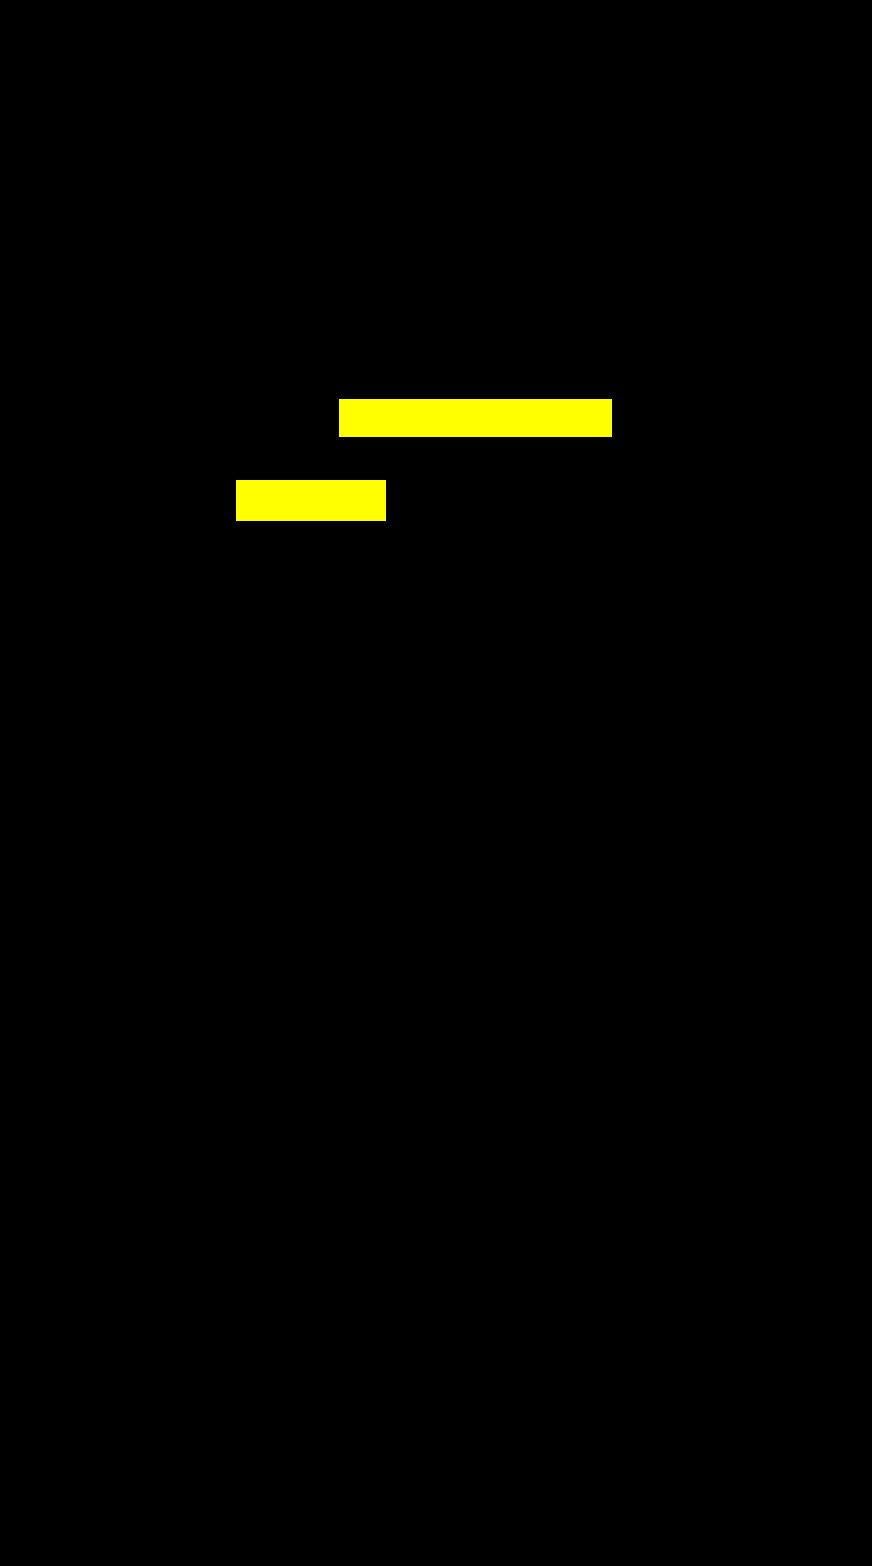 Etat civil des citoyens, ou Analyse sommaire du décret du 20 septembre 1792, et de celui du 21 janvier dernier, avec des formules des différents actes de naissances, mariages et décès... | Gallica